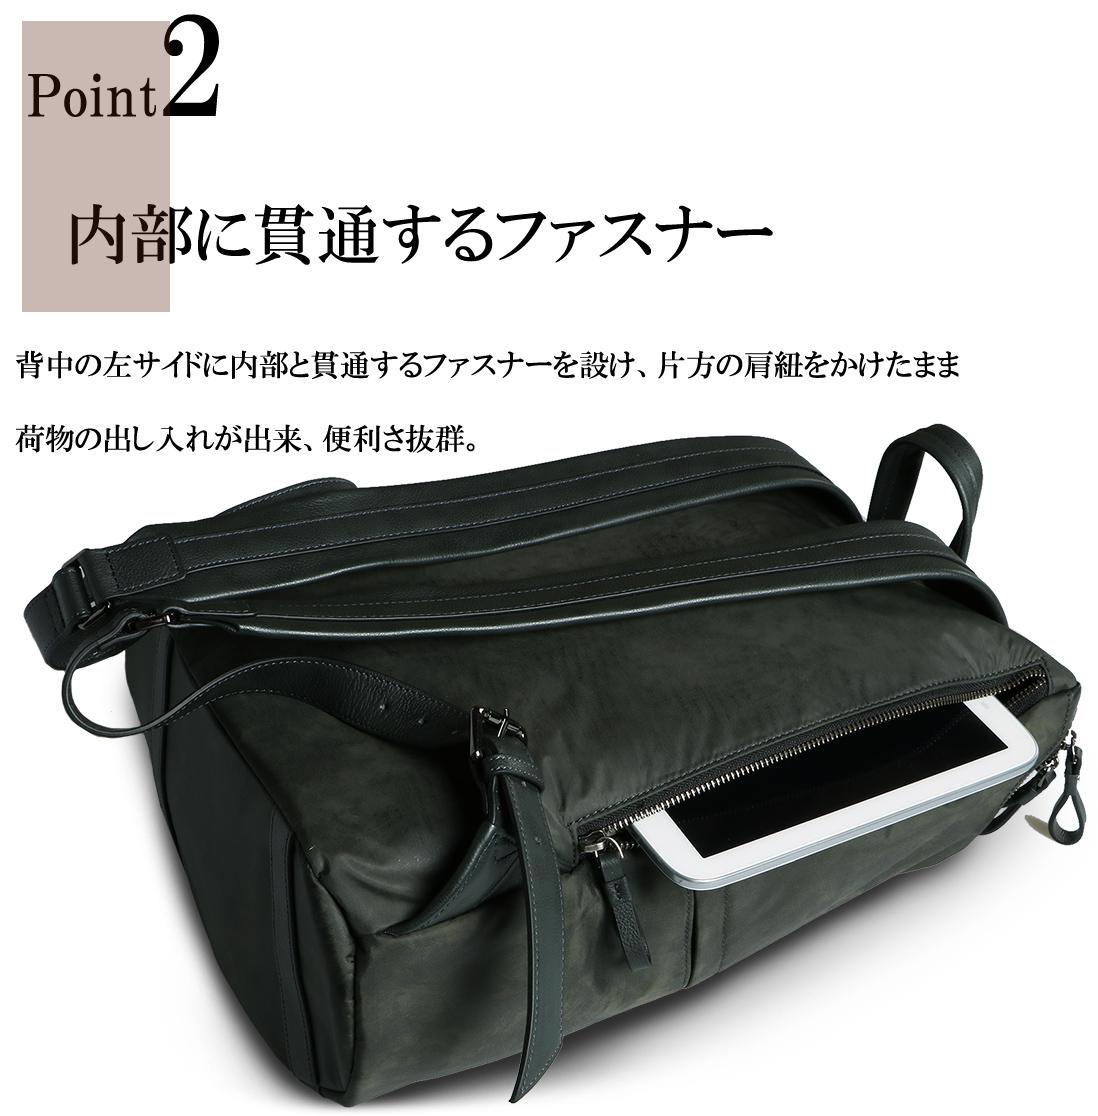 POINT2 内部に貫通するファスナー 背中の左サイドに内部と貫通するファスナーを設け、片方の肩紐をかけたまま荷物の出し入れができ、便利さ抜群。